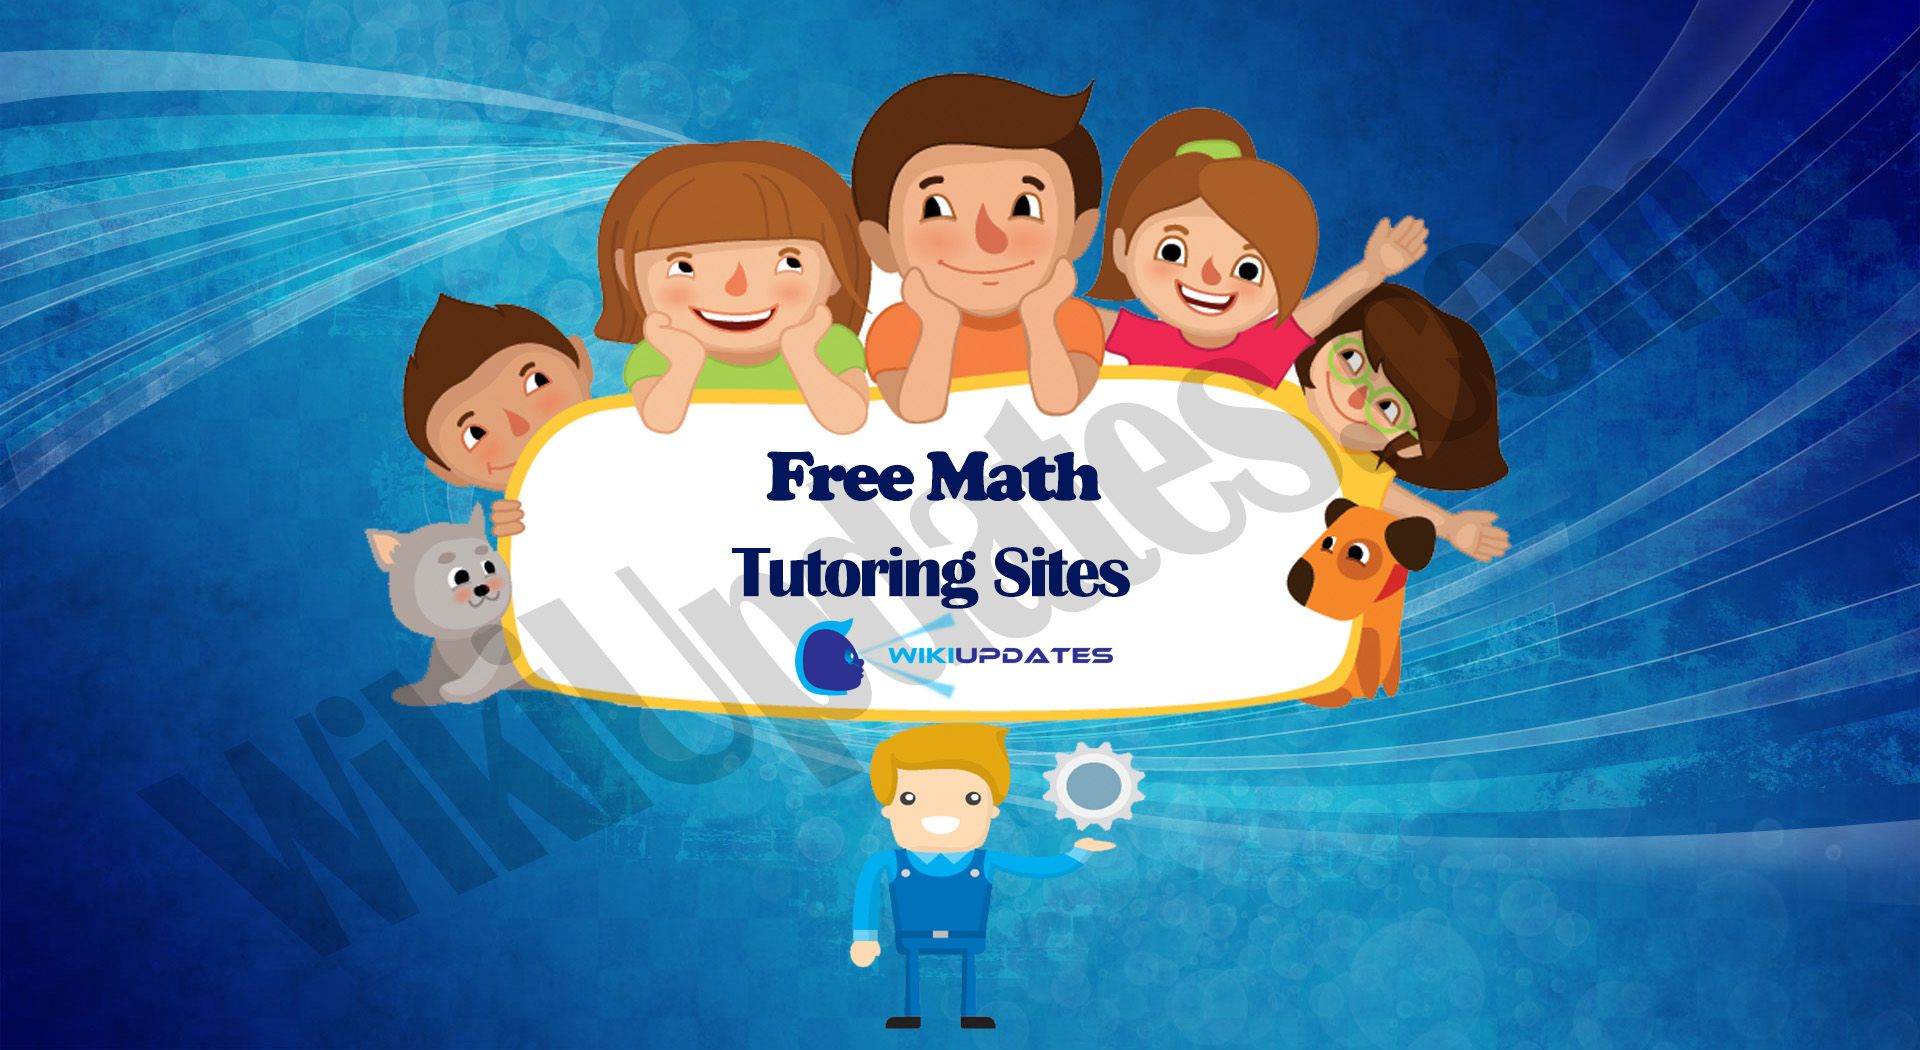 Free Math Tutoring Sites Free math, Online teaching